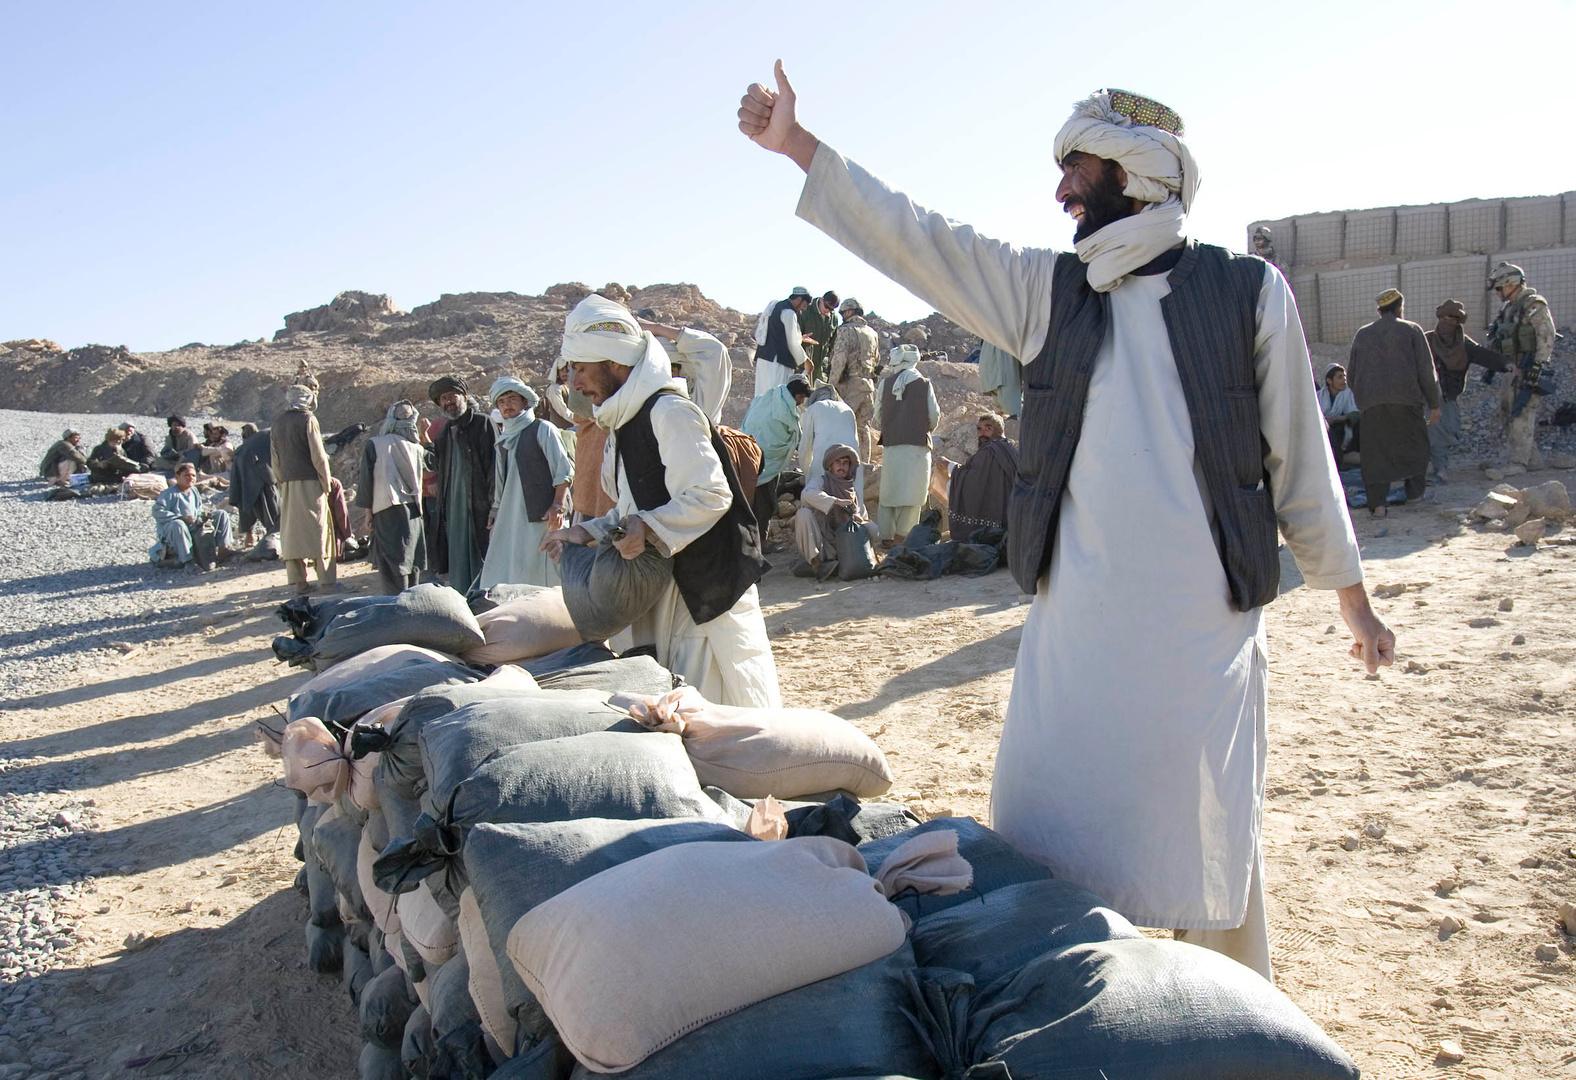 afghanistan_29.JPG